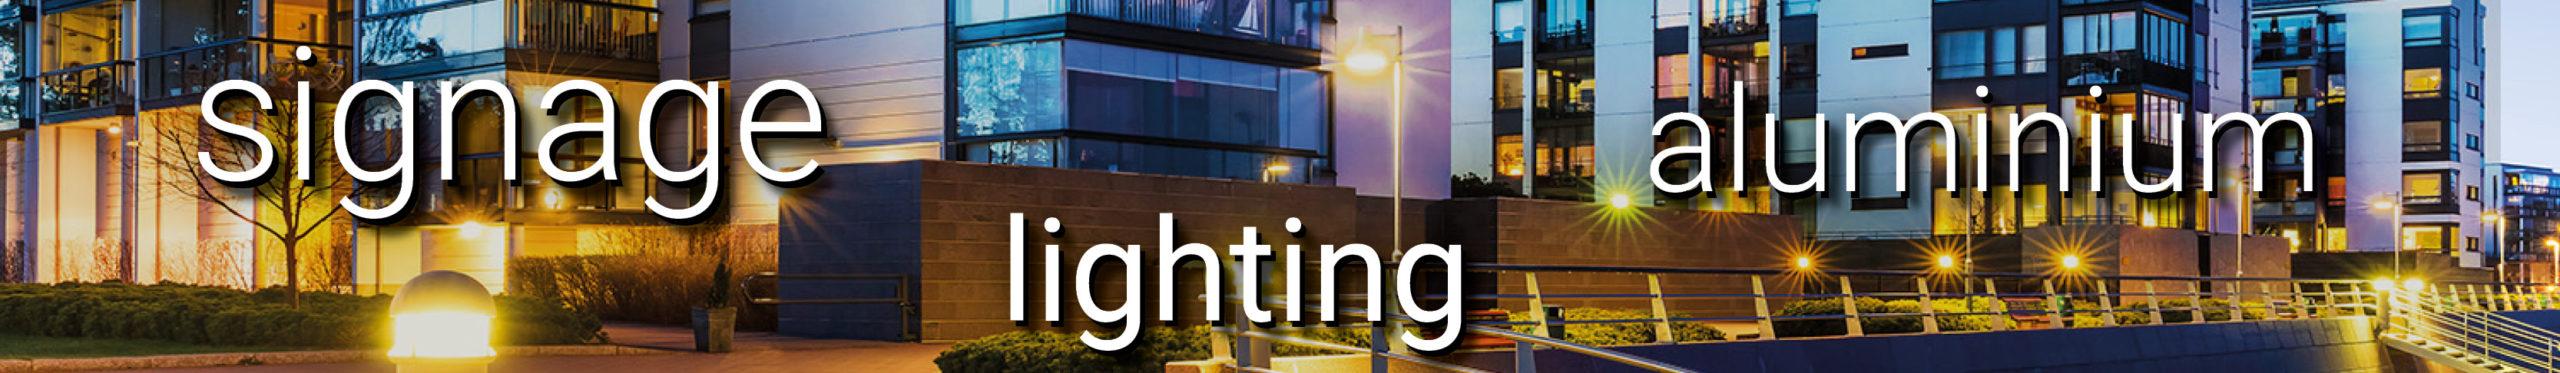 Bergmen - Signage Lighting Aluminium